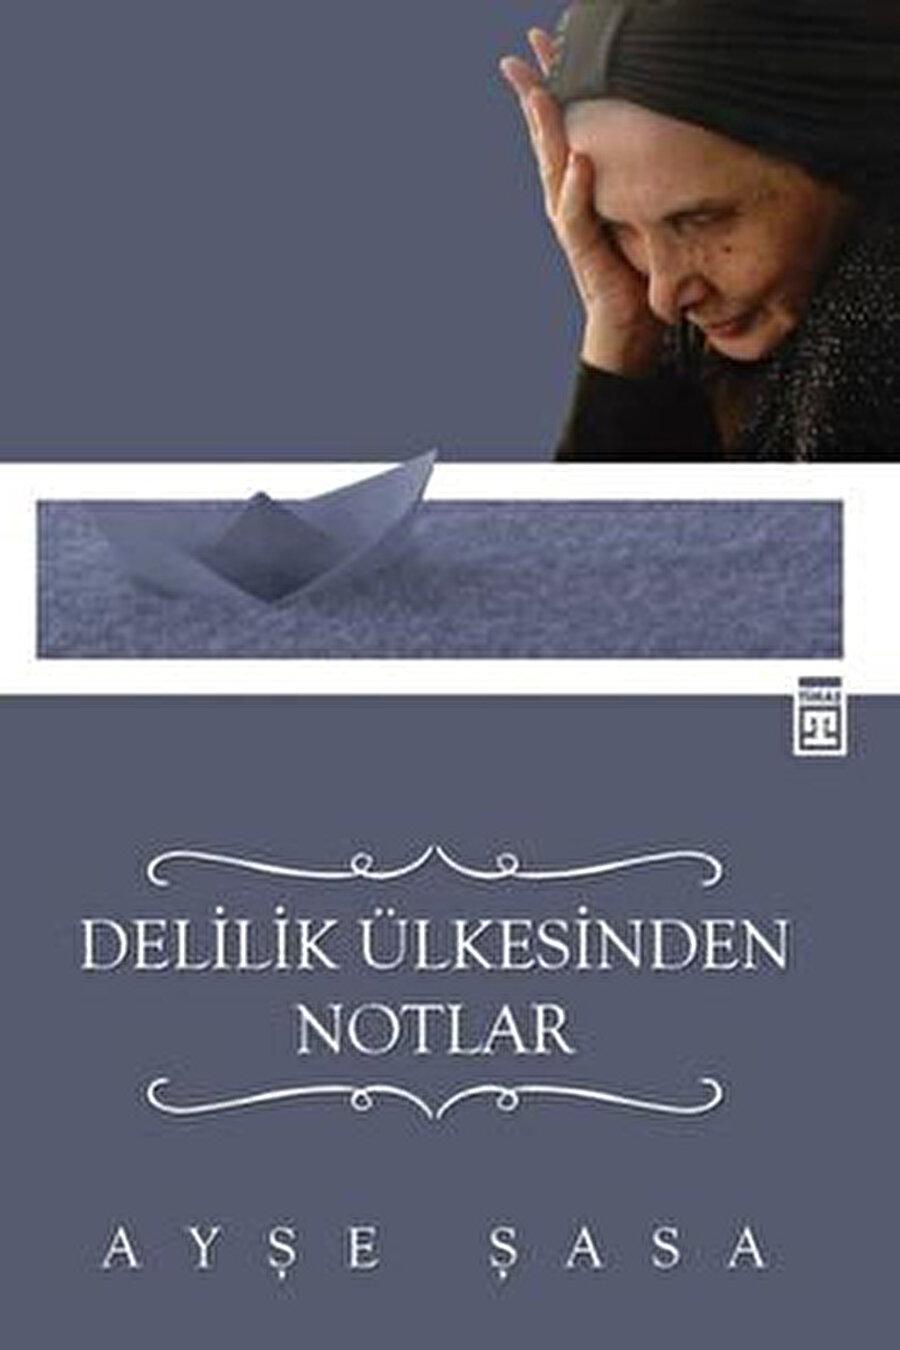 """Âkif Emre, Ayşe Şasa'nın Delilik Ülkesinden Notlar adlı seyir defteri için """"68 kuşağının bir başka öyküsüdür"""" diye başlar"""